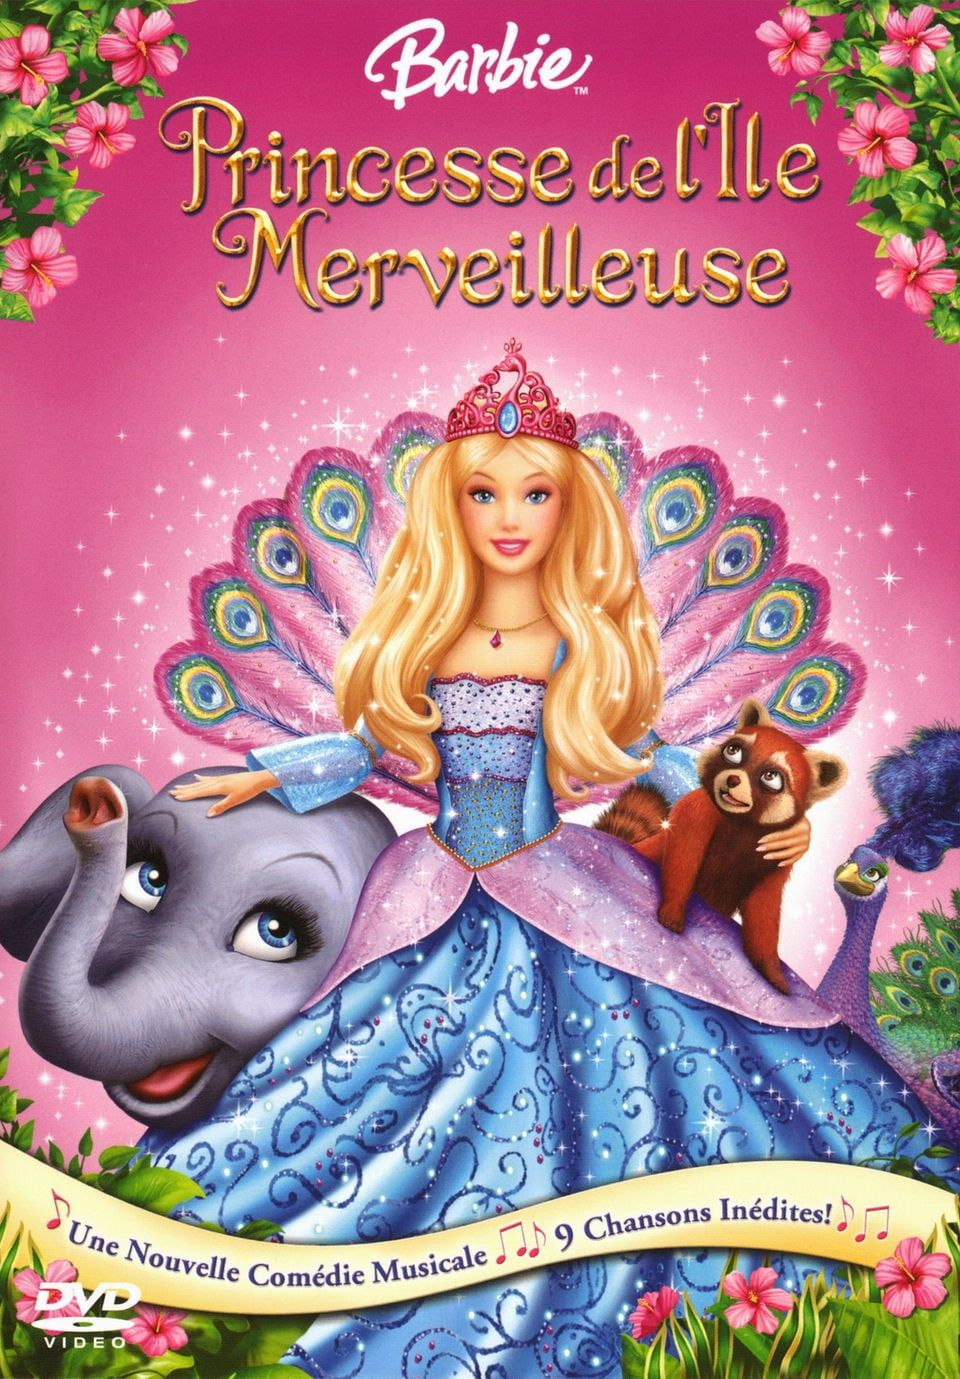 Barbie princesse de l 39 le merveilleuse long m trage d - Barbie et l ile merveilleuse ...